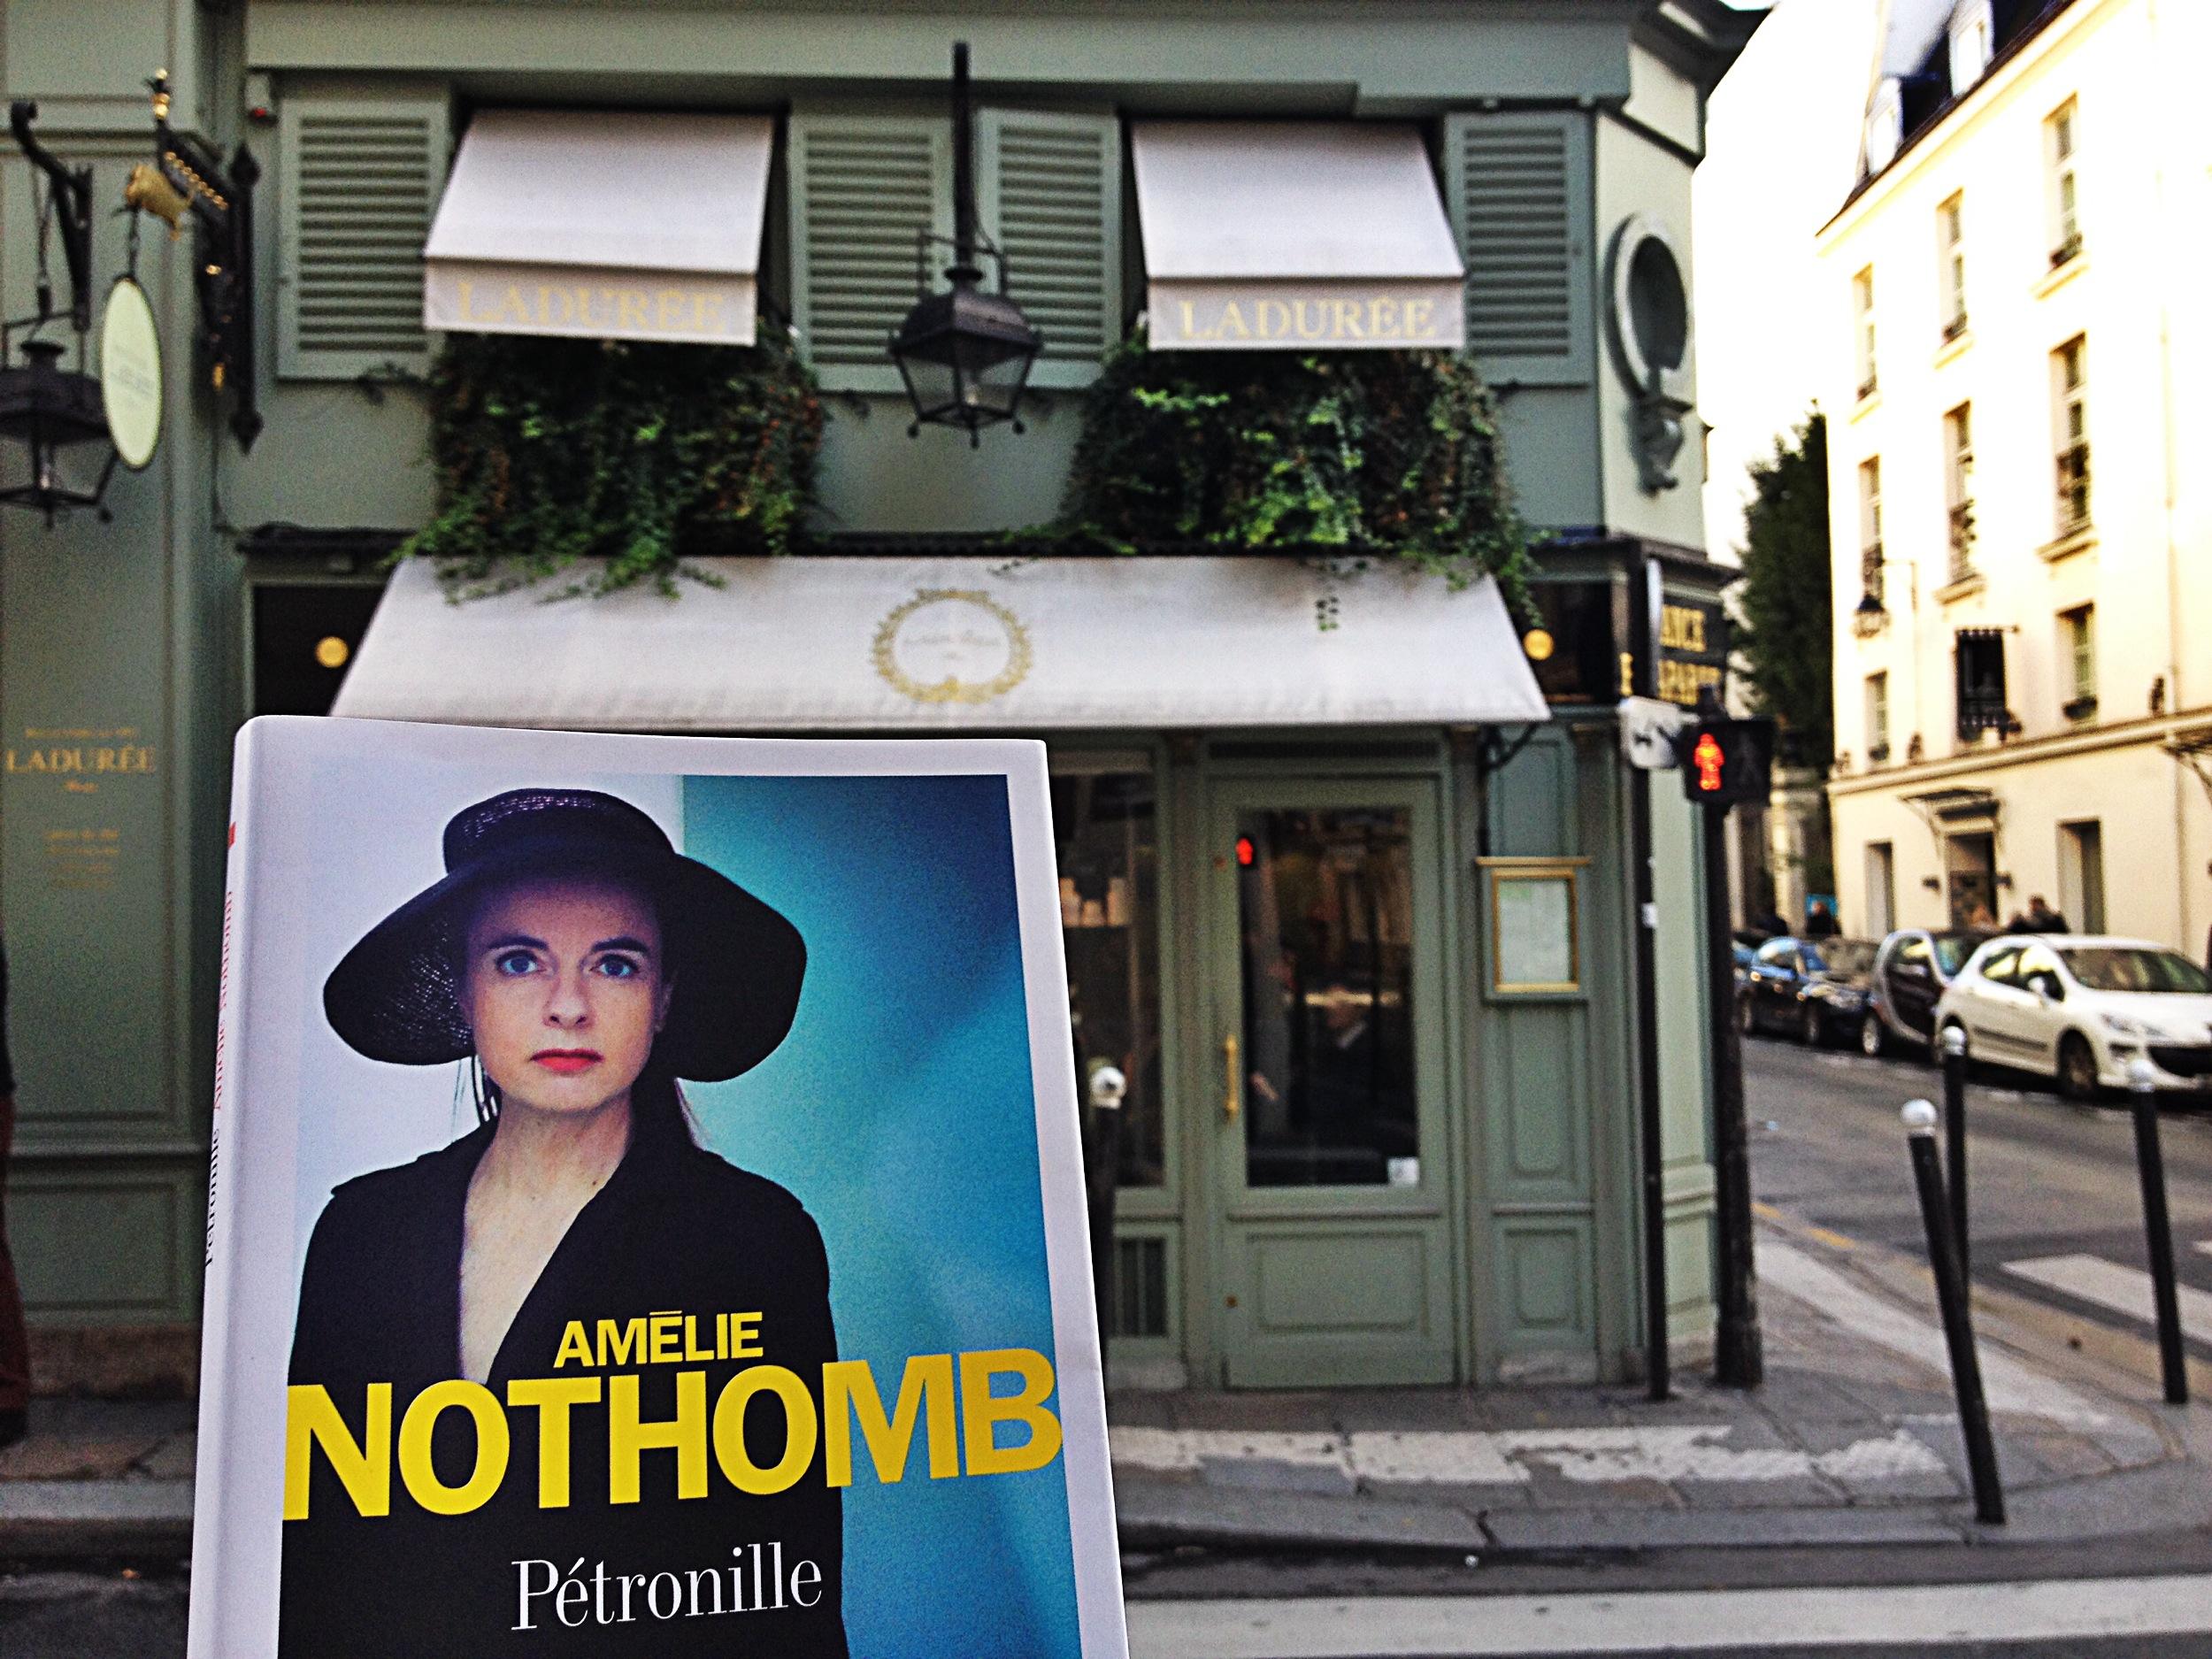 Amélie Nothomb nouveau roman Pétronille rencontre dédicace Ladurée anniversaire Fnac 60 ans photo by United States of Paris blog